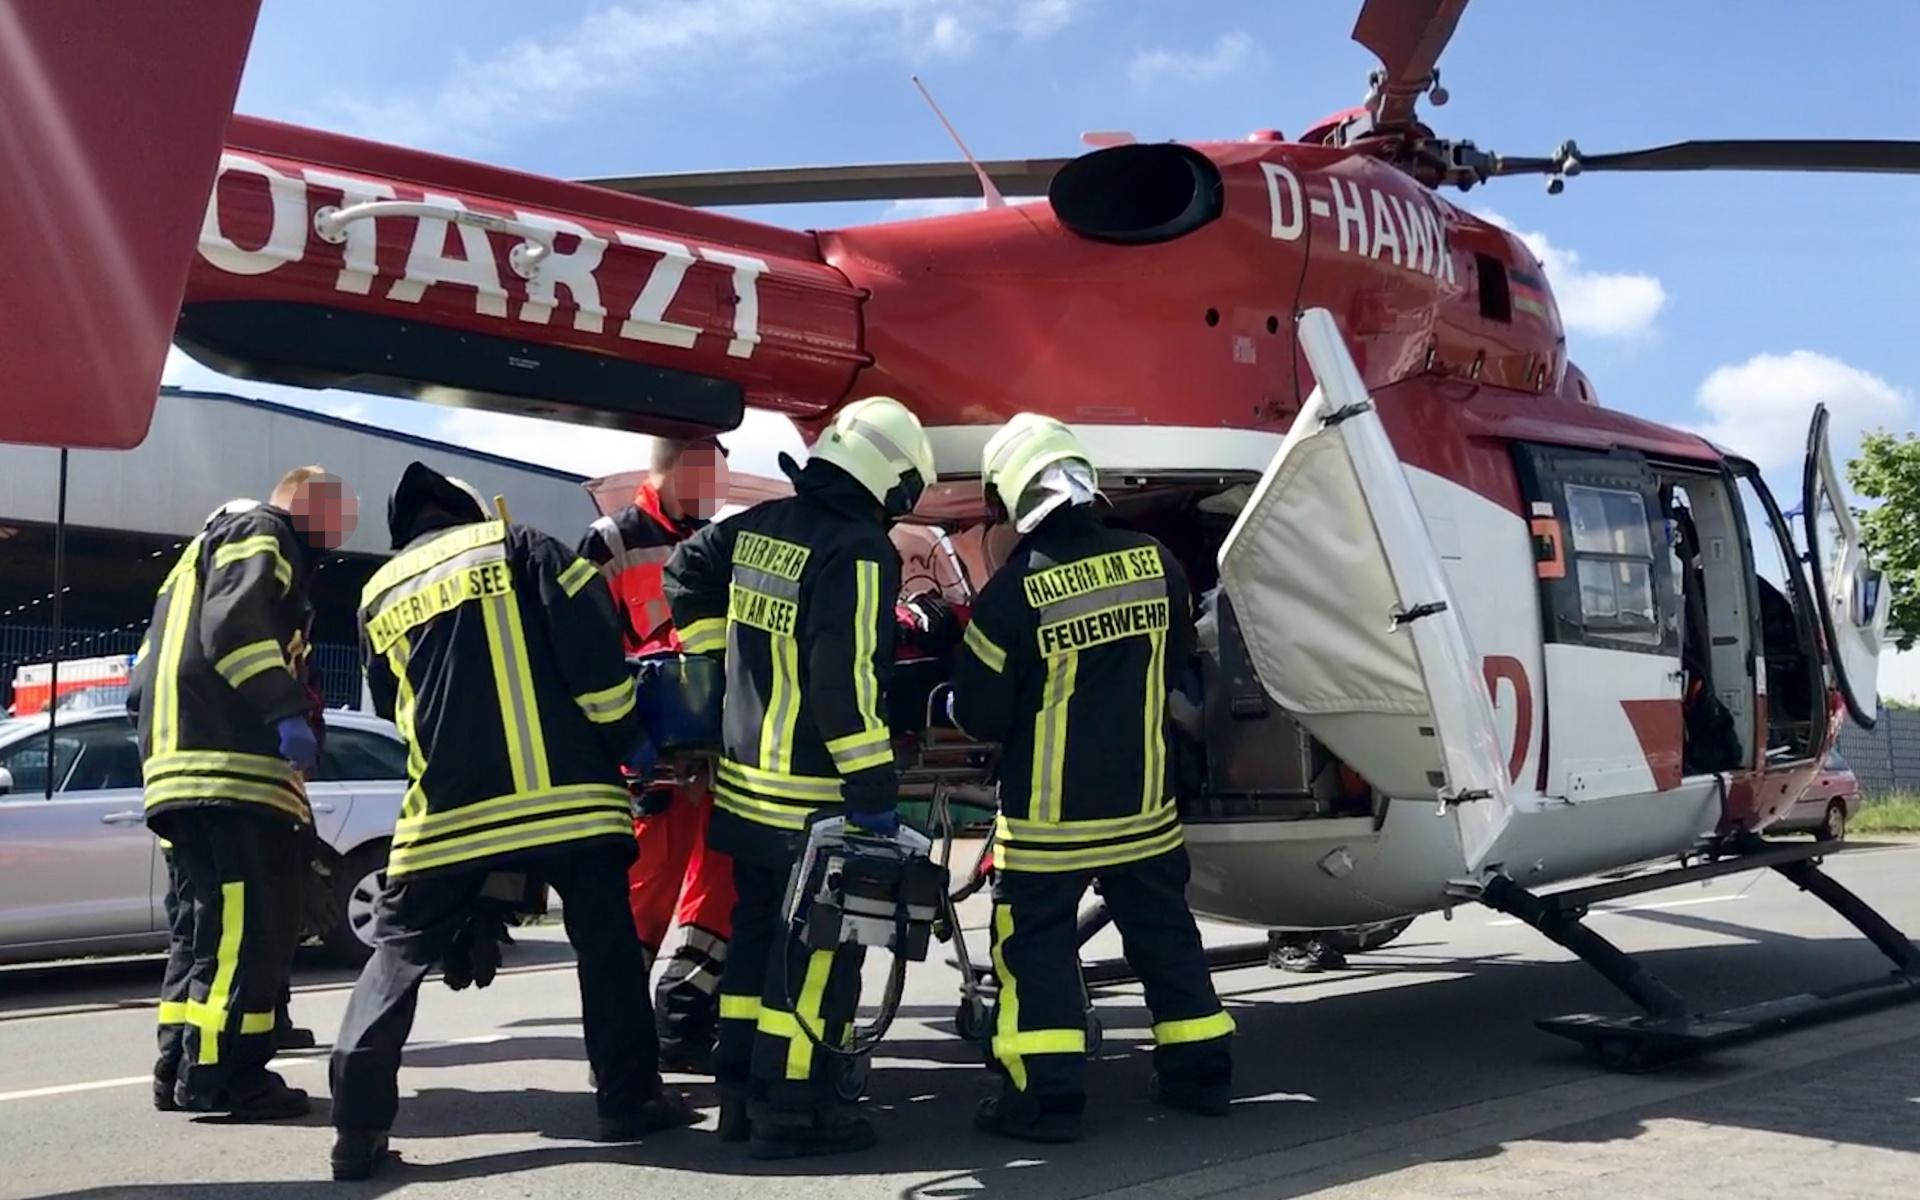 Der schwer verletzte Arbeiter wird in den Hubschrauber eingeladen.